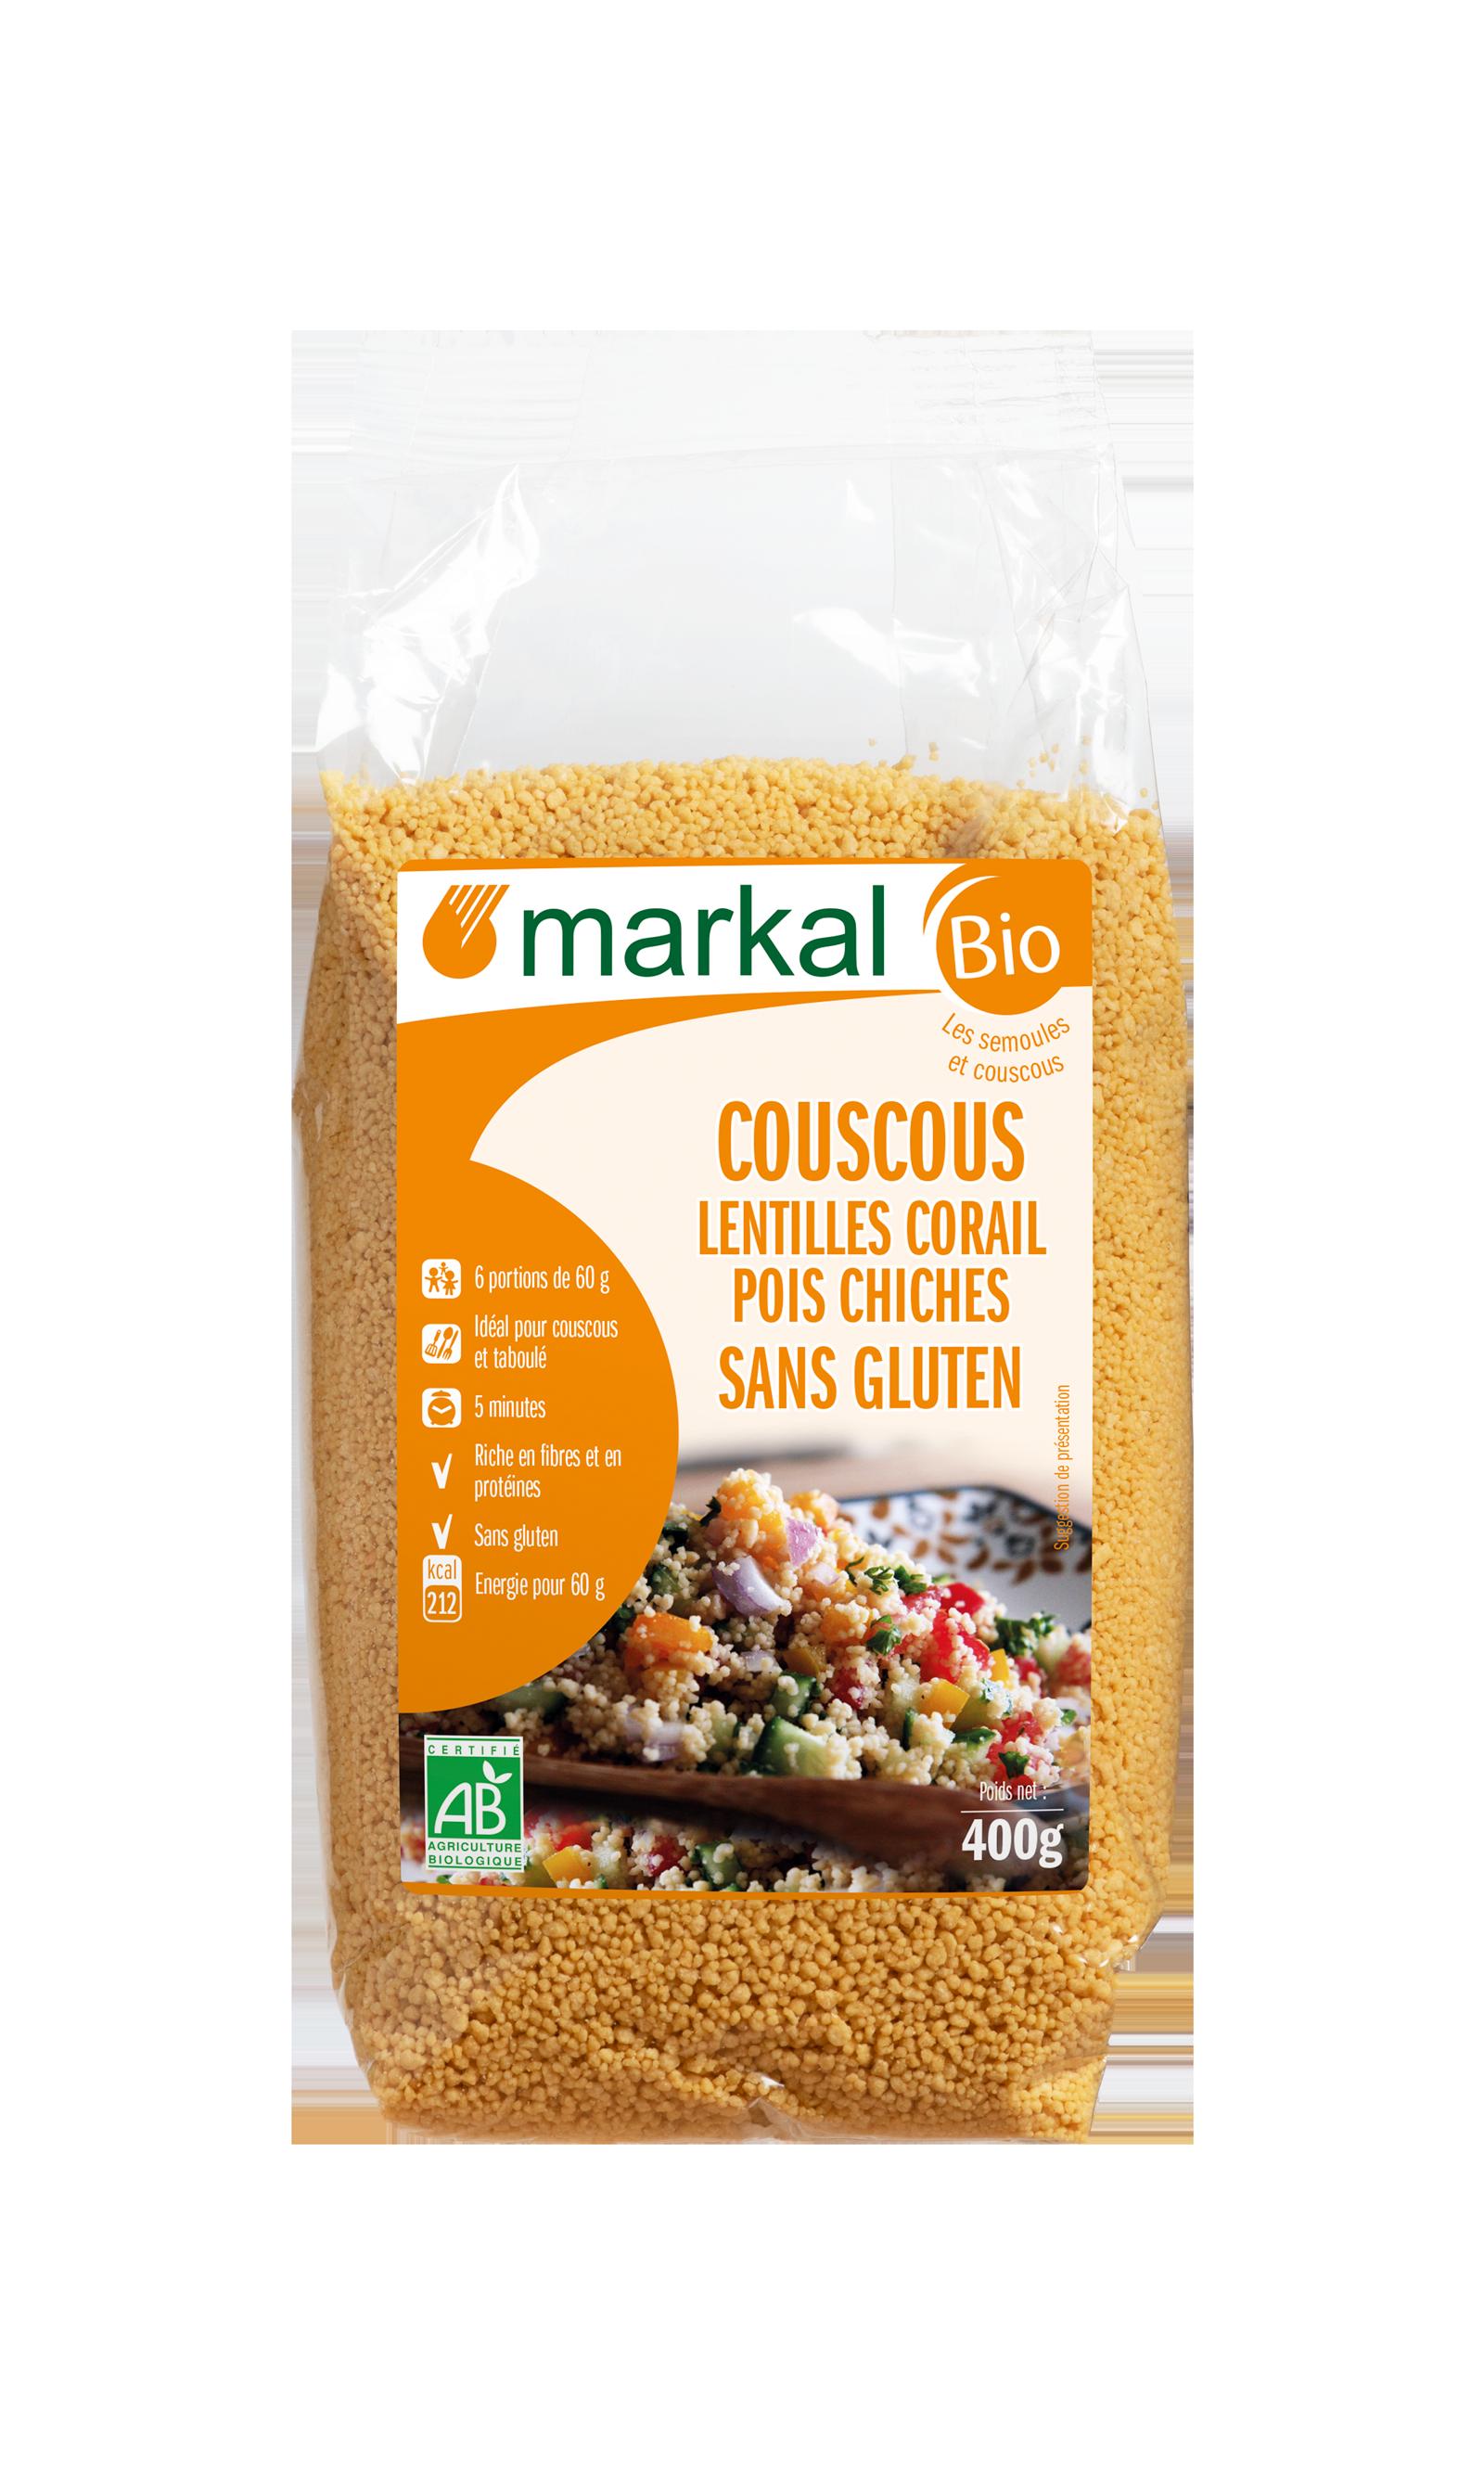 Couscous lentilles corail - pois chiches - sans gluten